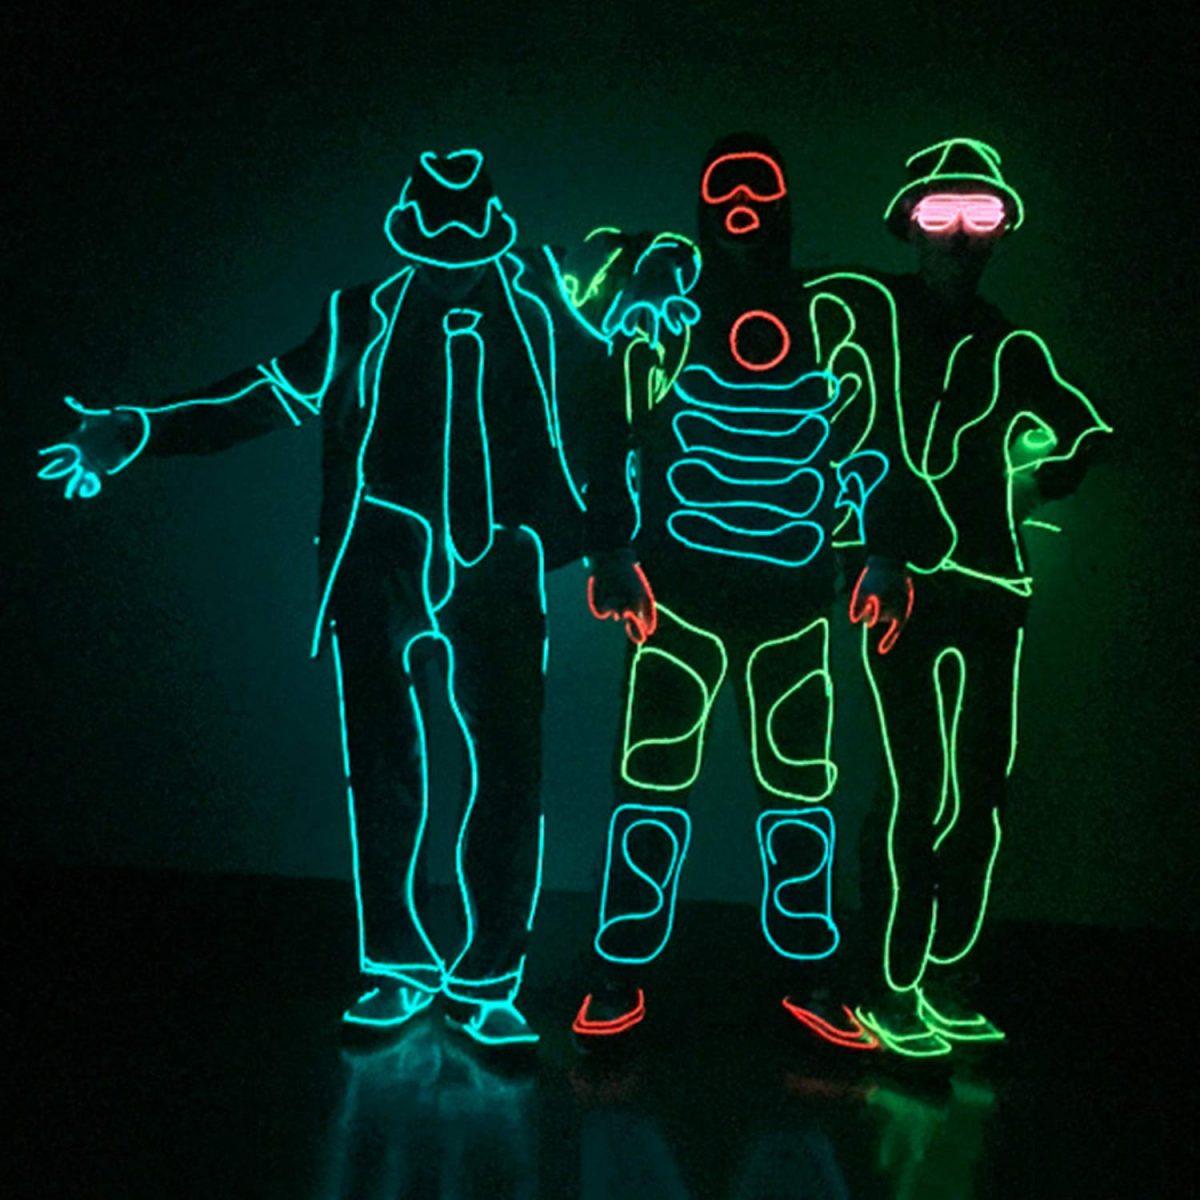 ropa con luces led brillante en oscuridad